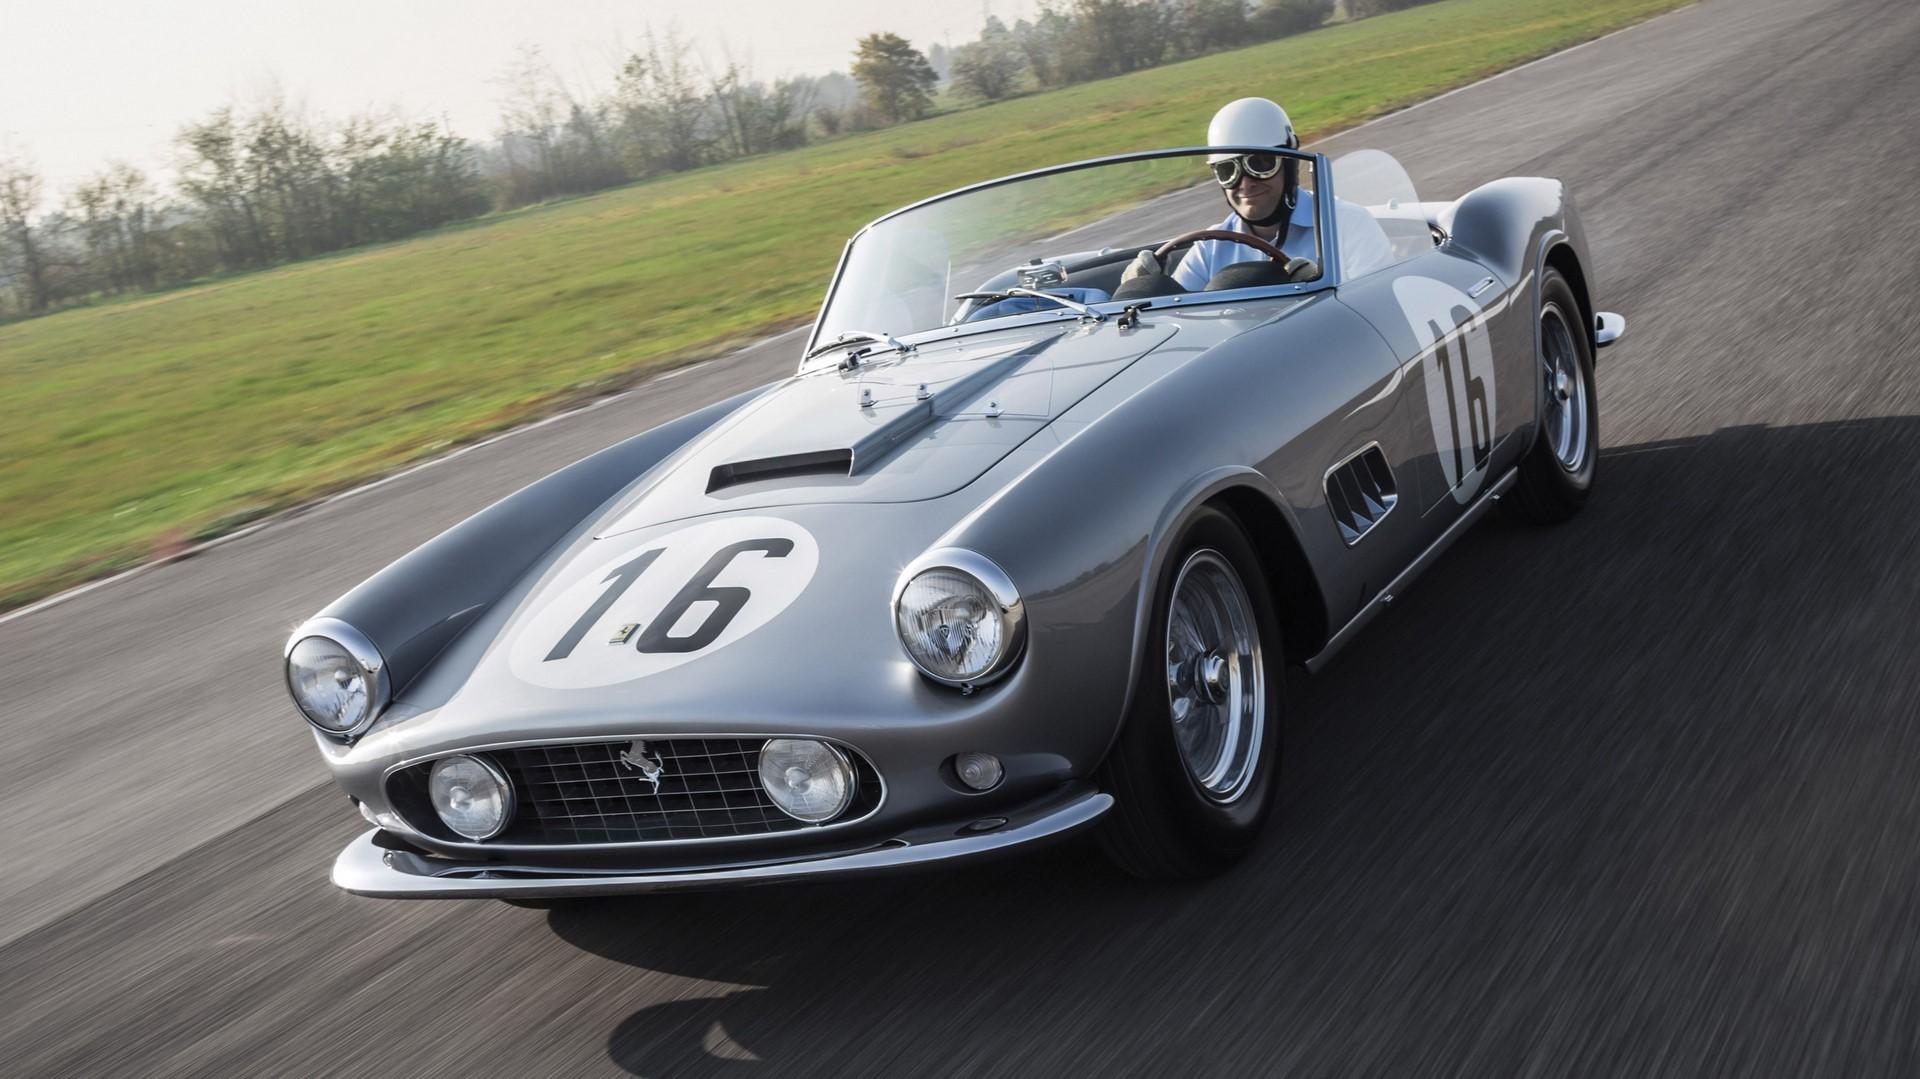 1959 Ferrari 250 GT LWB California (2)